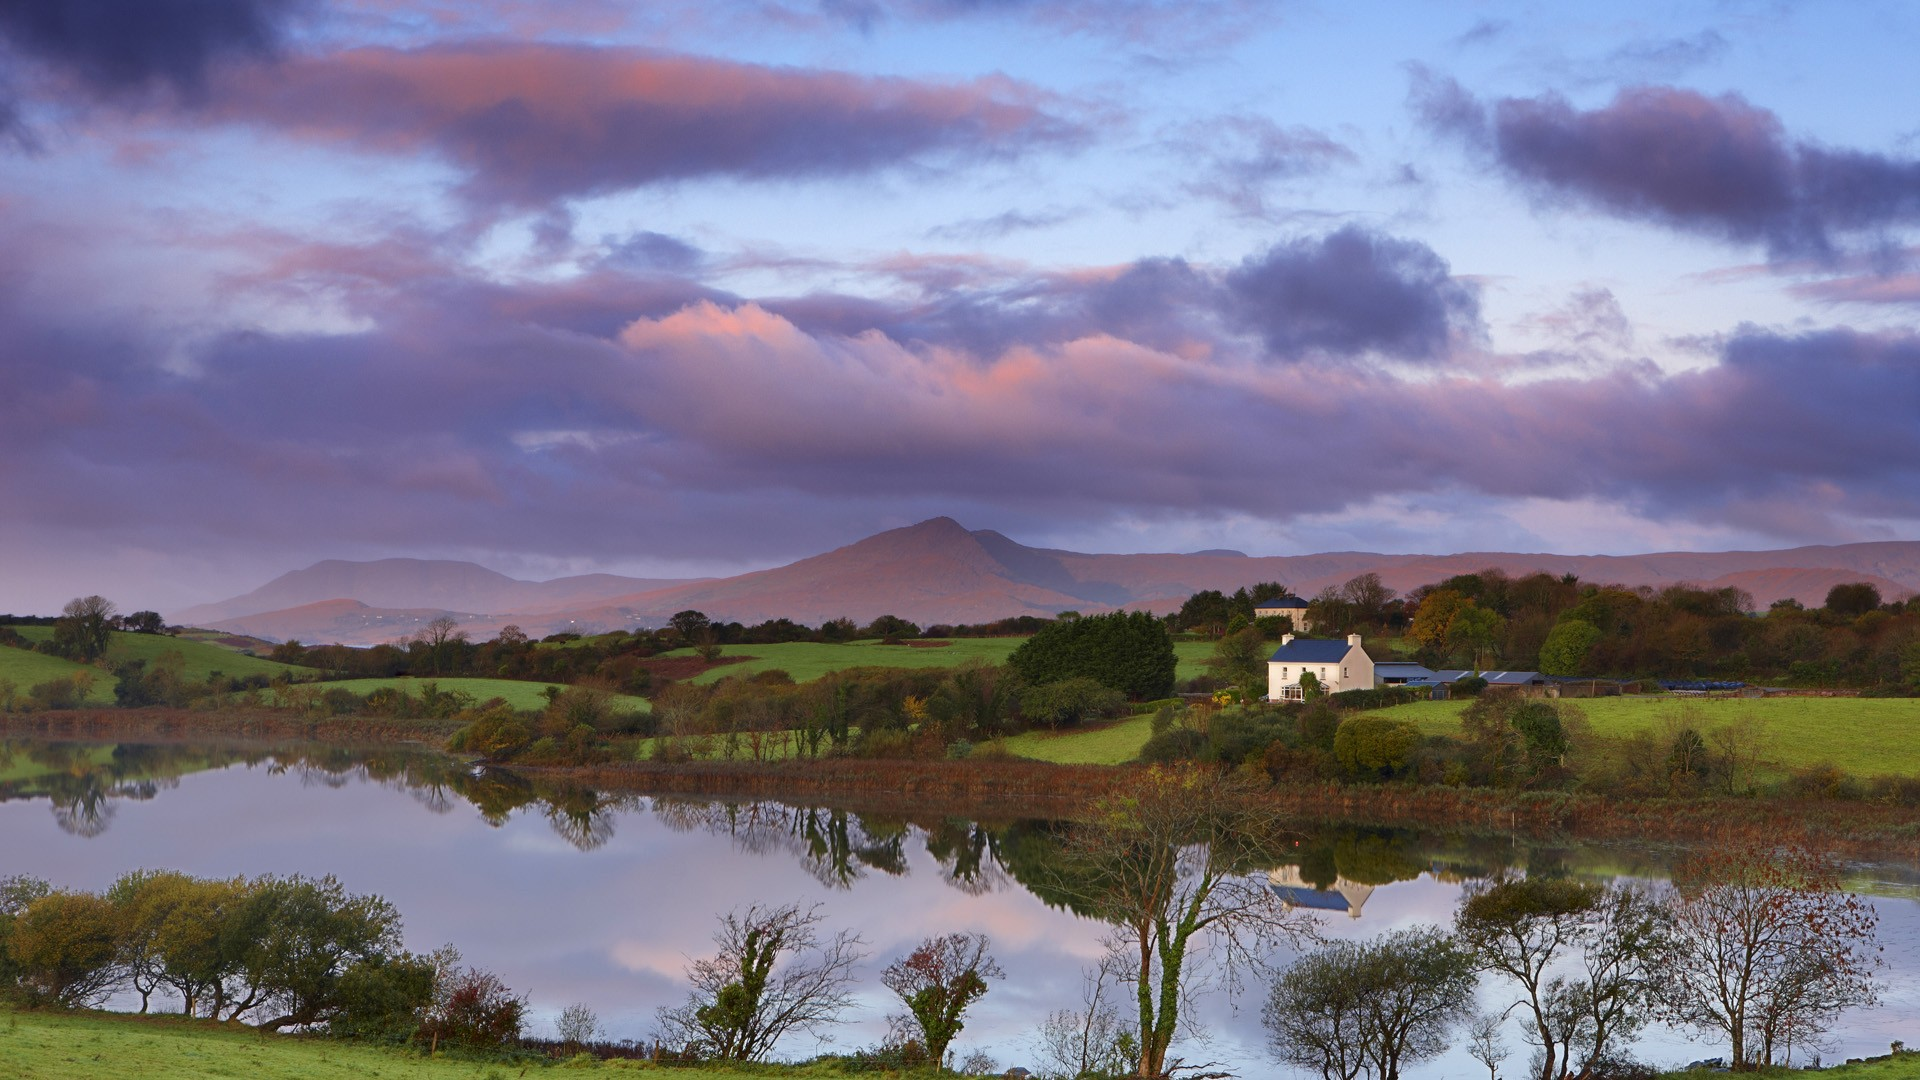 Dawn Ireland Wallpaper 1920x1080 Dawn Ireland Bay 1920x1080